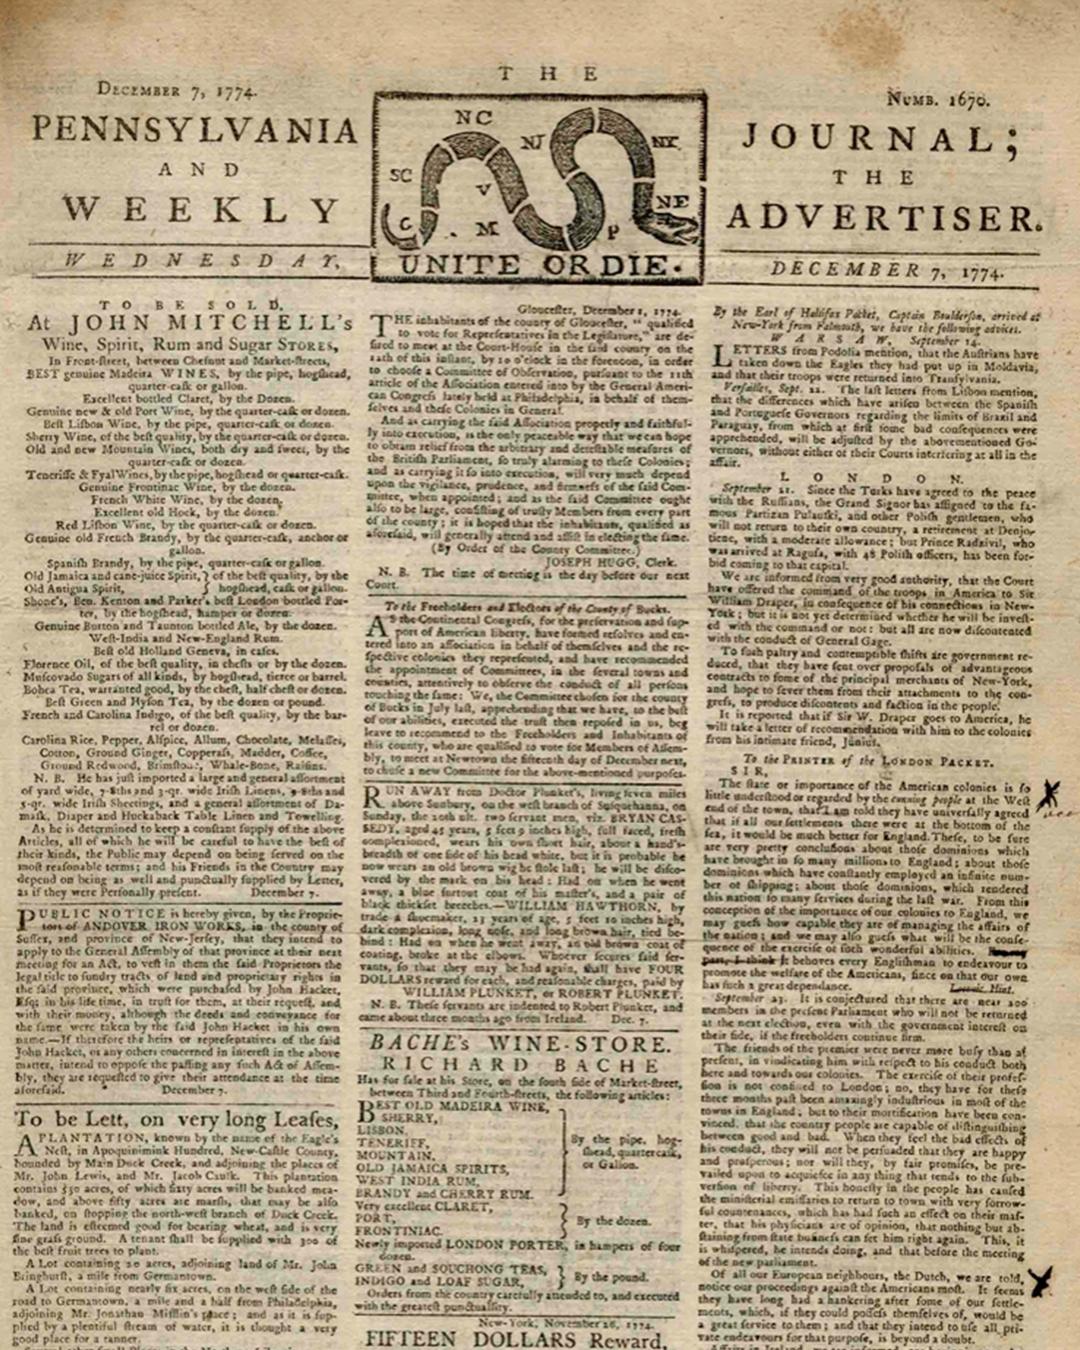 bejamin franklin newspaper auction